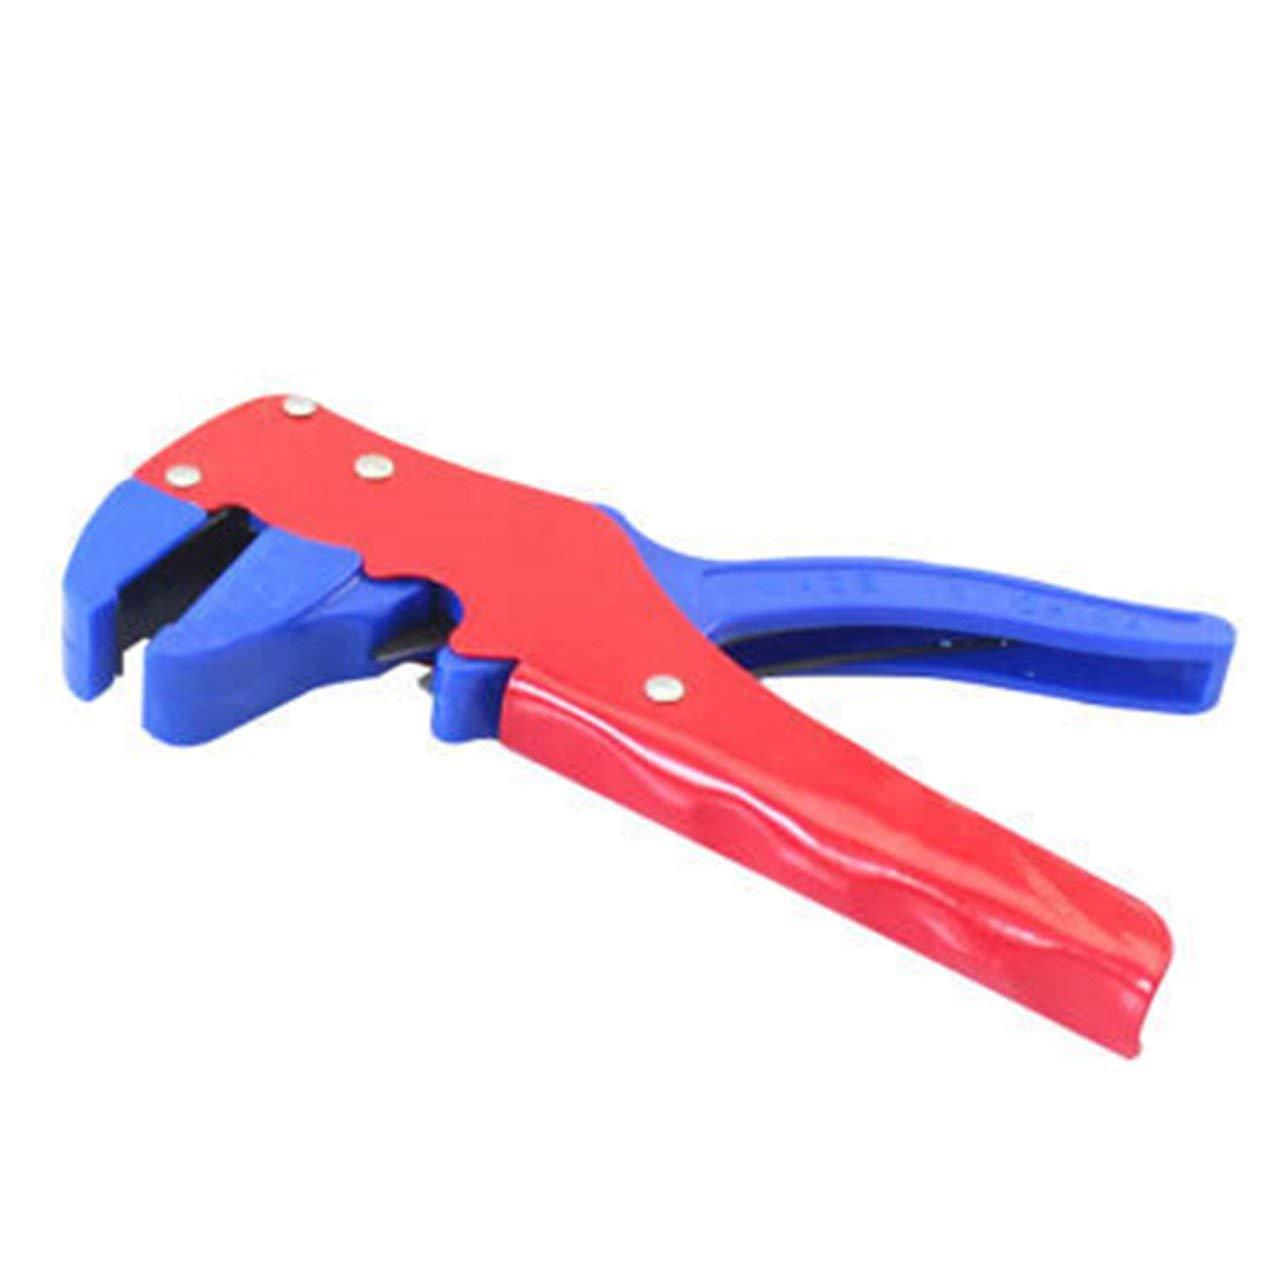 WOSOSYEYO T20 Mini Multifonctions Trompette Pince /à d/énuder Automatique R/églage de Plomb de c/âble pour 0,2-6 mm carr/é Coupe-Fil poign/ée Outil